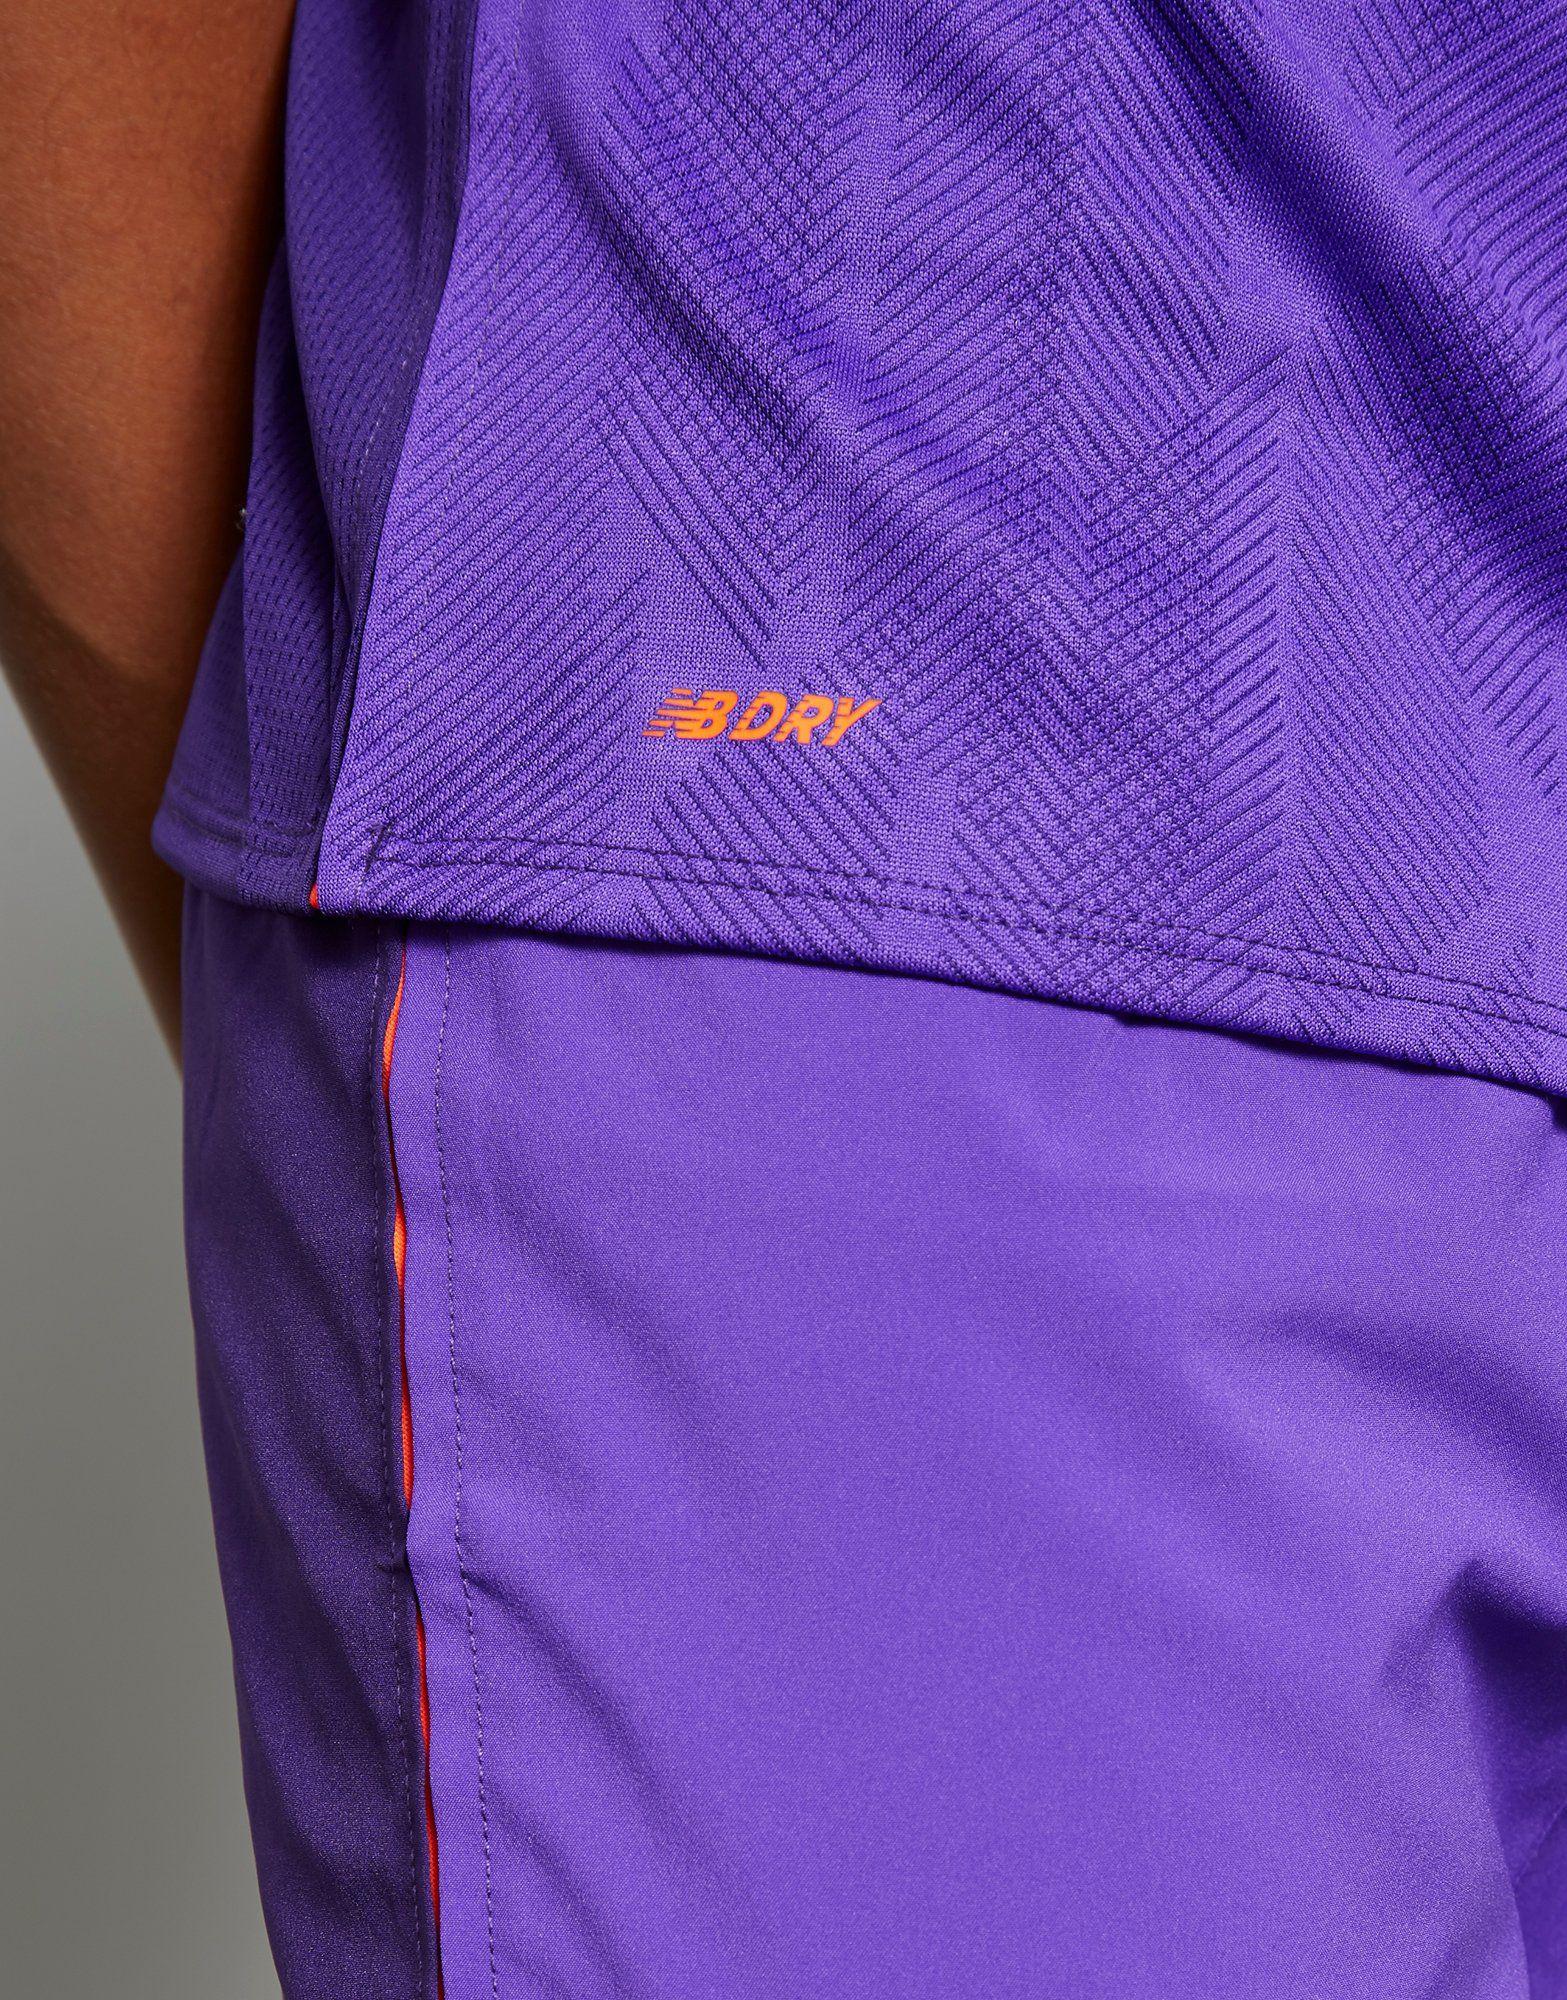 New Balance camiseta segunda equipación Liverpool FC 2018/19 júnior